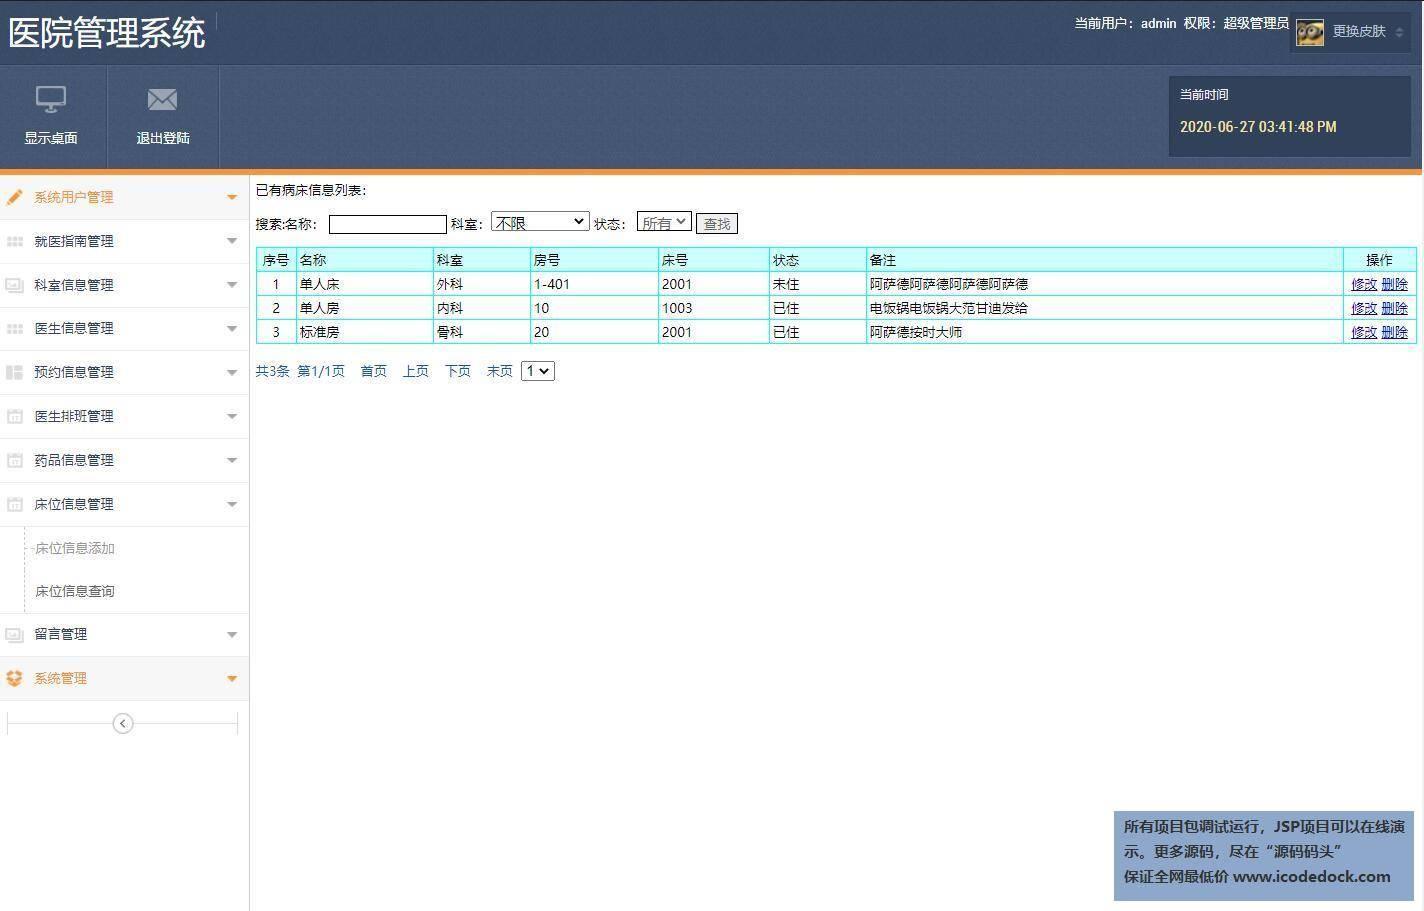 源码码头-JSP医院信息管理系统-管理员角色-床位信息管理